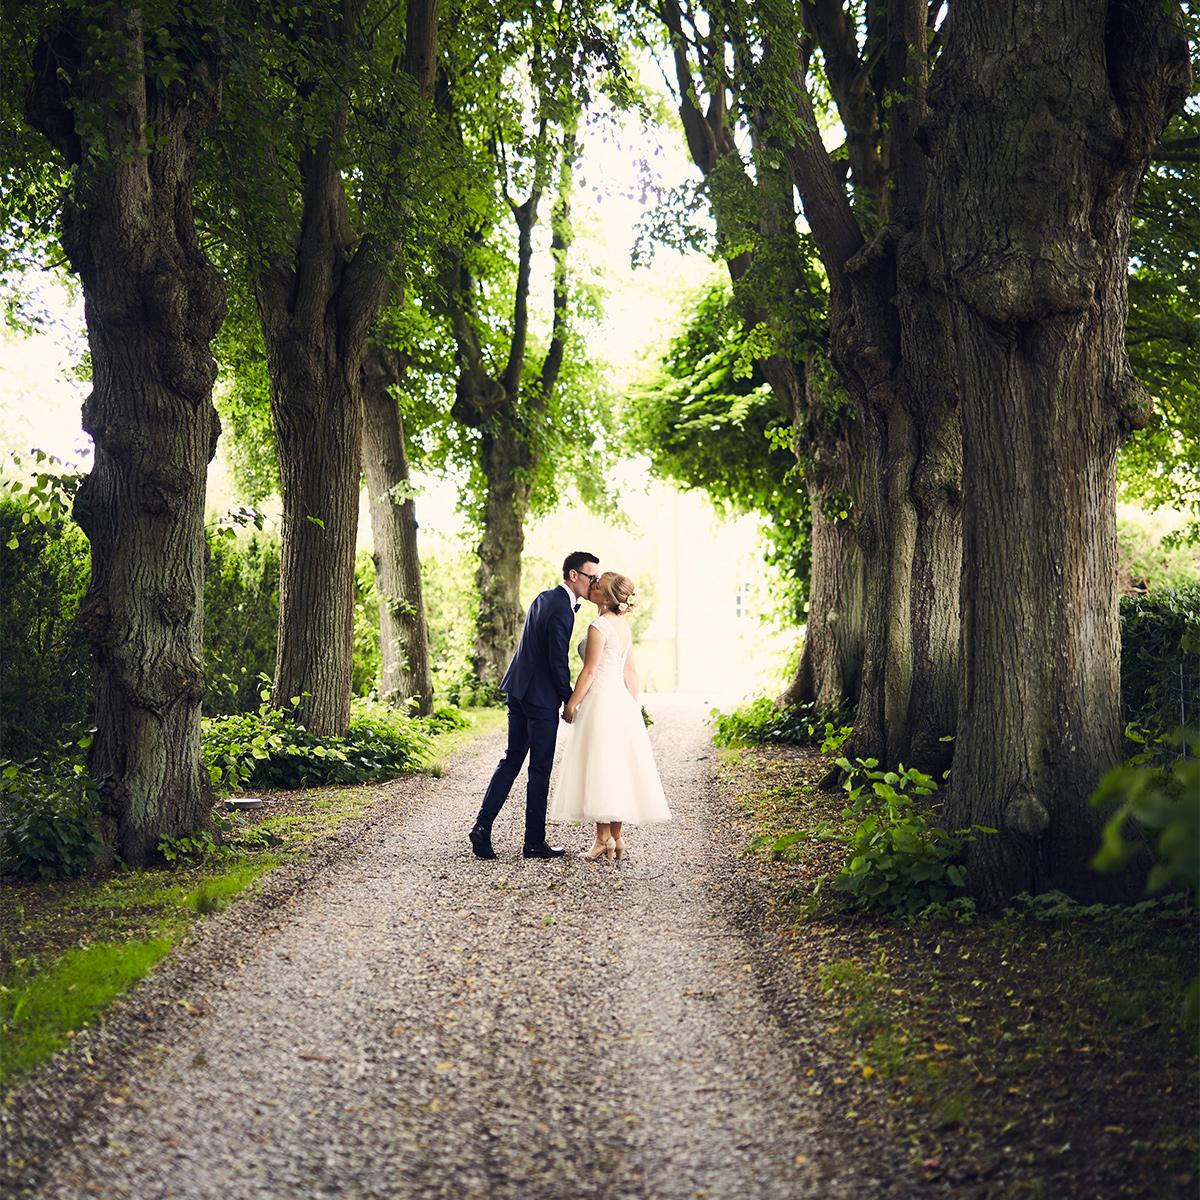 Bryllup - Bryllup i de smukkeste omgivelser